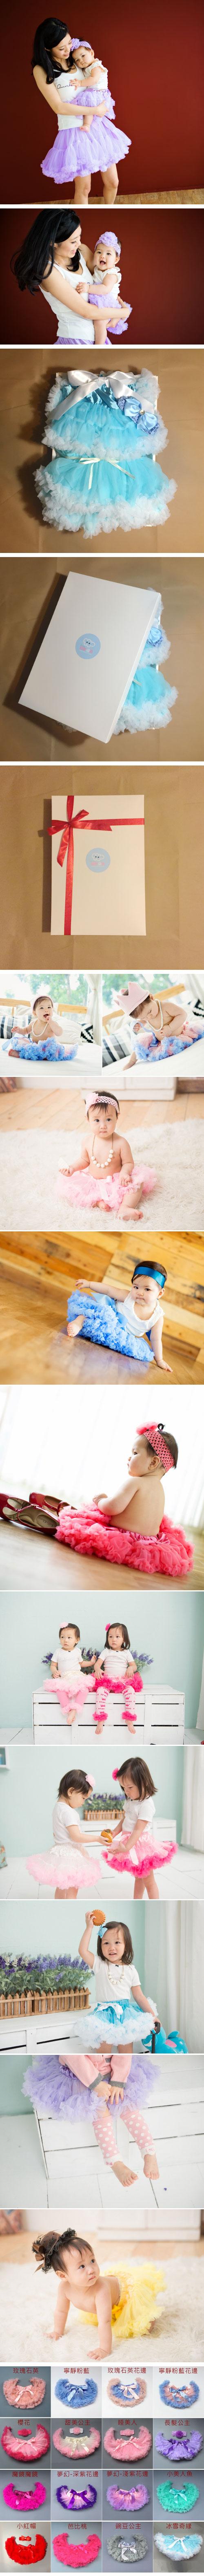 日安朵朵 女嬰童蓬蓬裙組 - Daddy's Girls母女蓬裙2件組 1-2歲 (80cm)